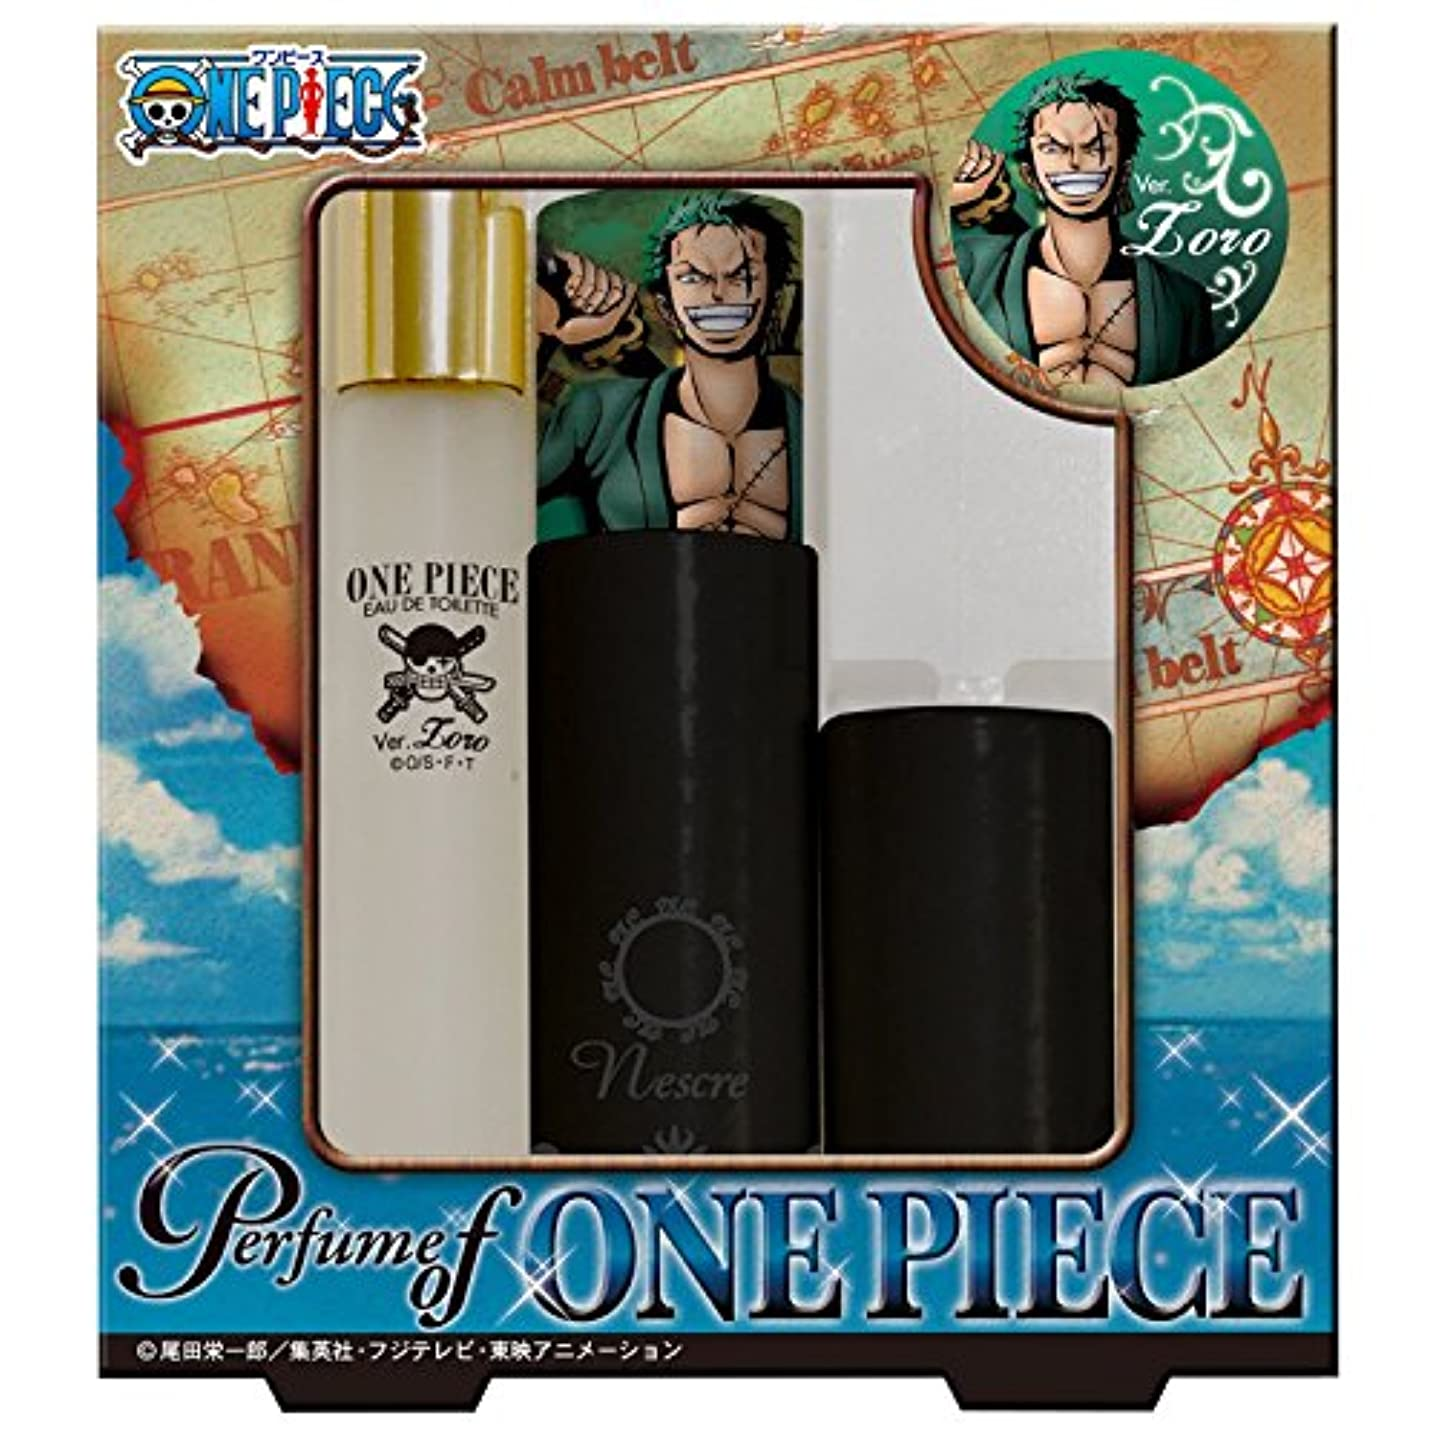 ショッピングセンター復讐値NESCRE Perfume of ONEPIECE Ver.Zoro 15mL 専用バッグインケース付 日本製